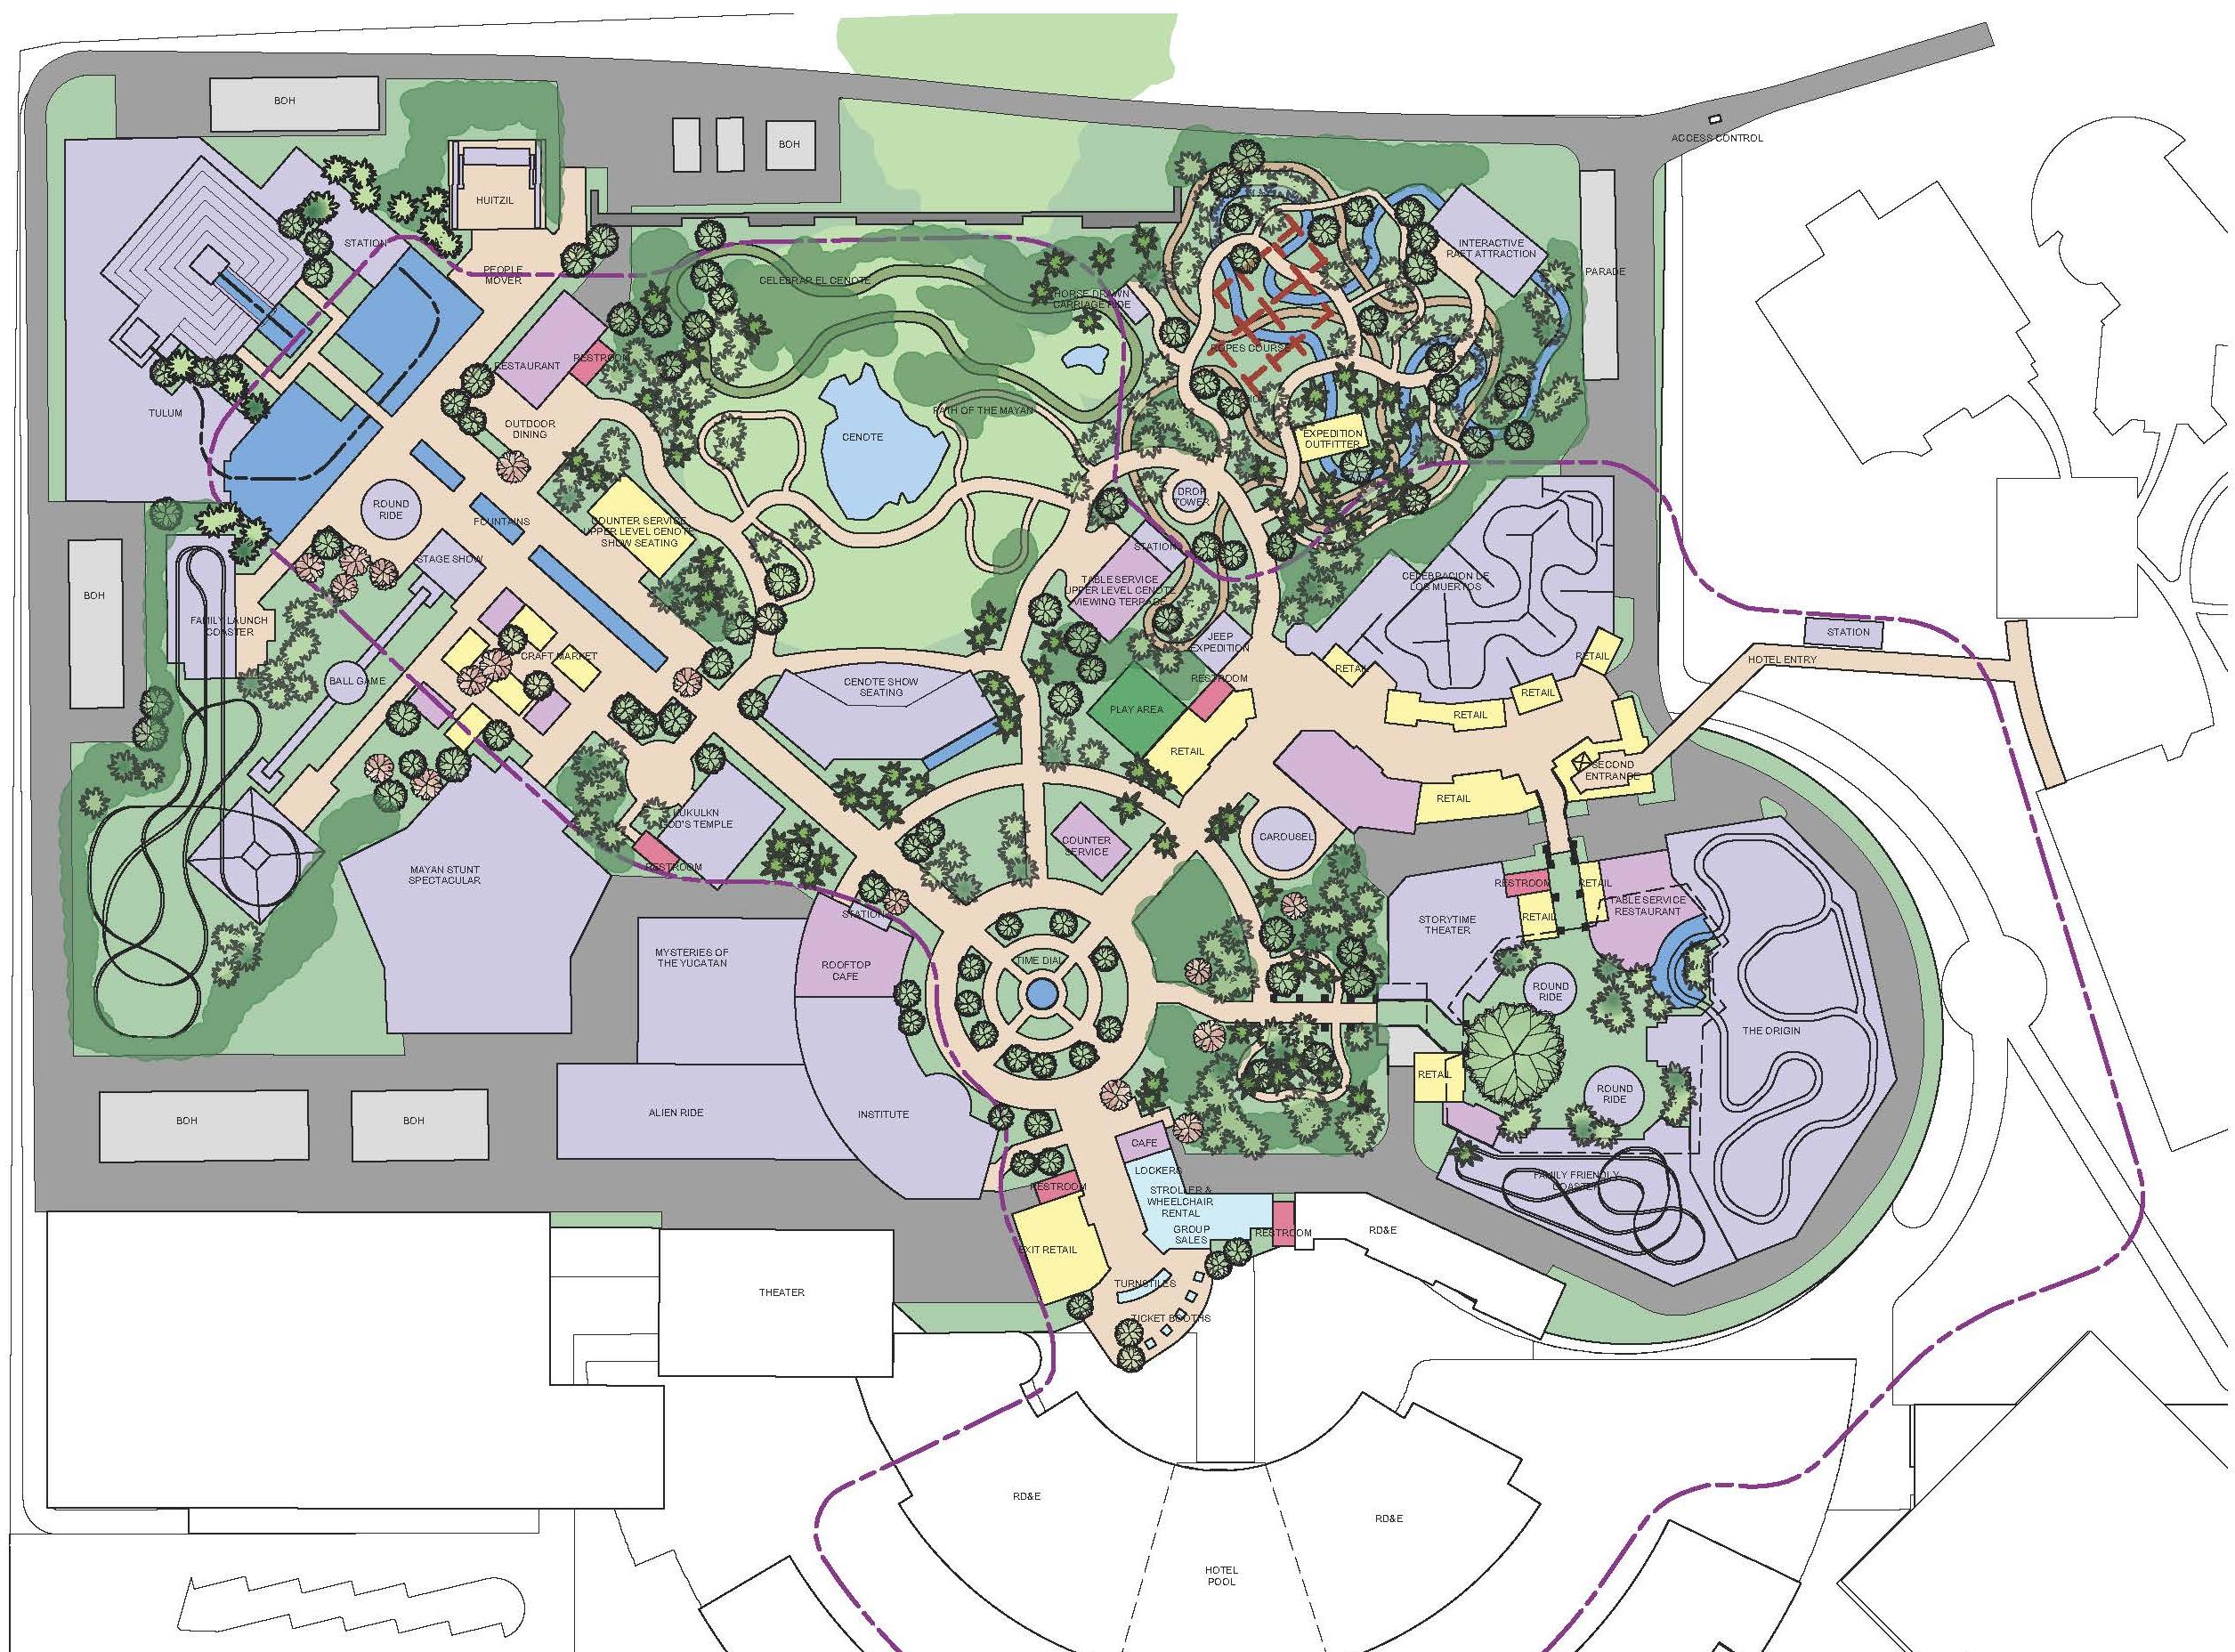 Amikoo_Park-Masterplan Diagram